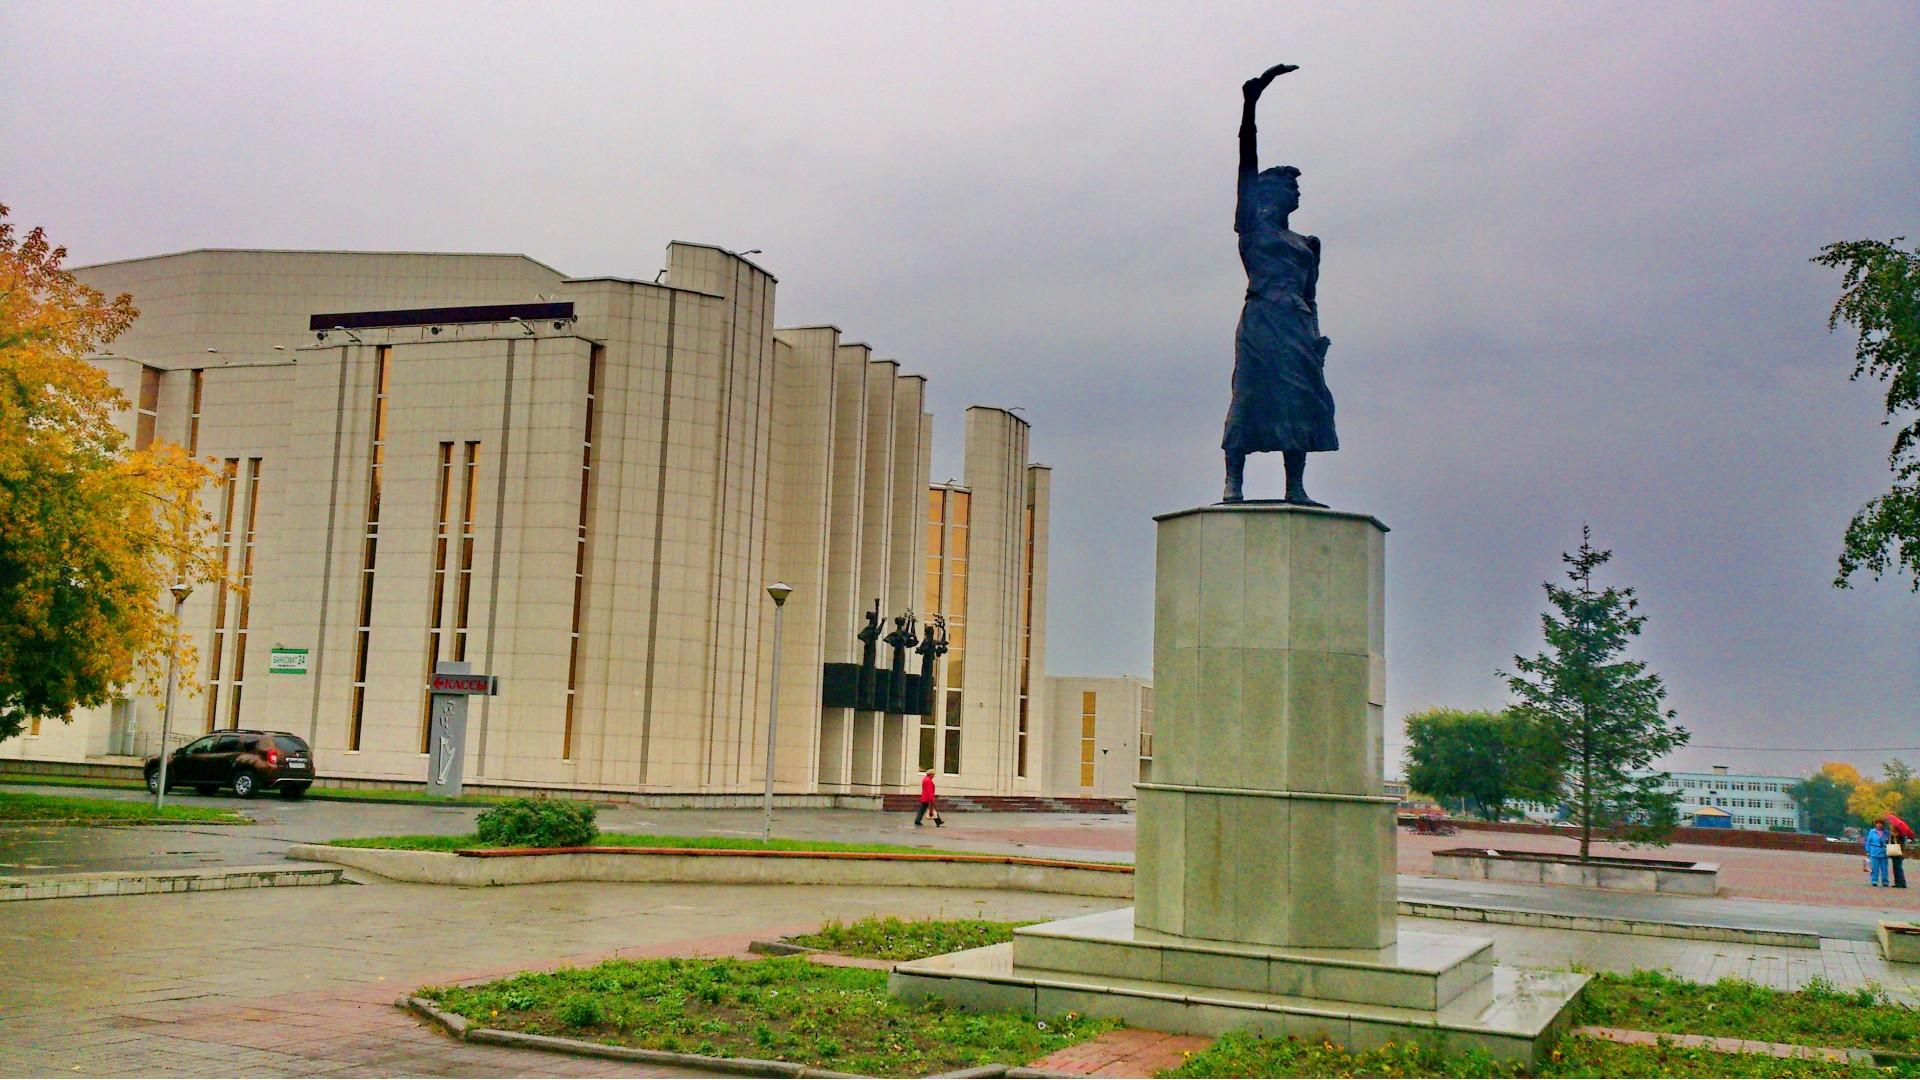 Памятник Наташе Аргентовской. Вид на филармонию